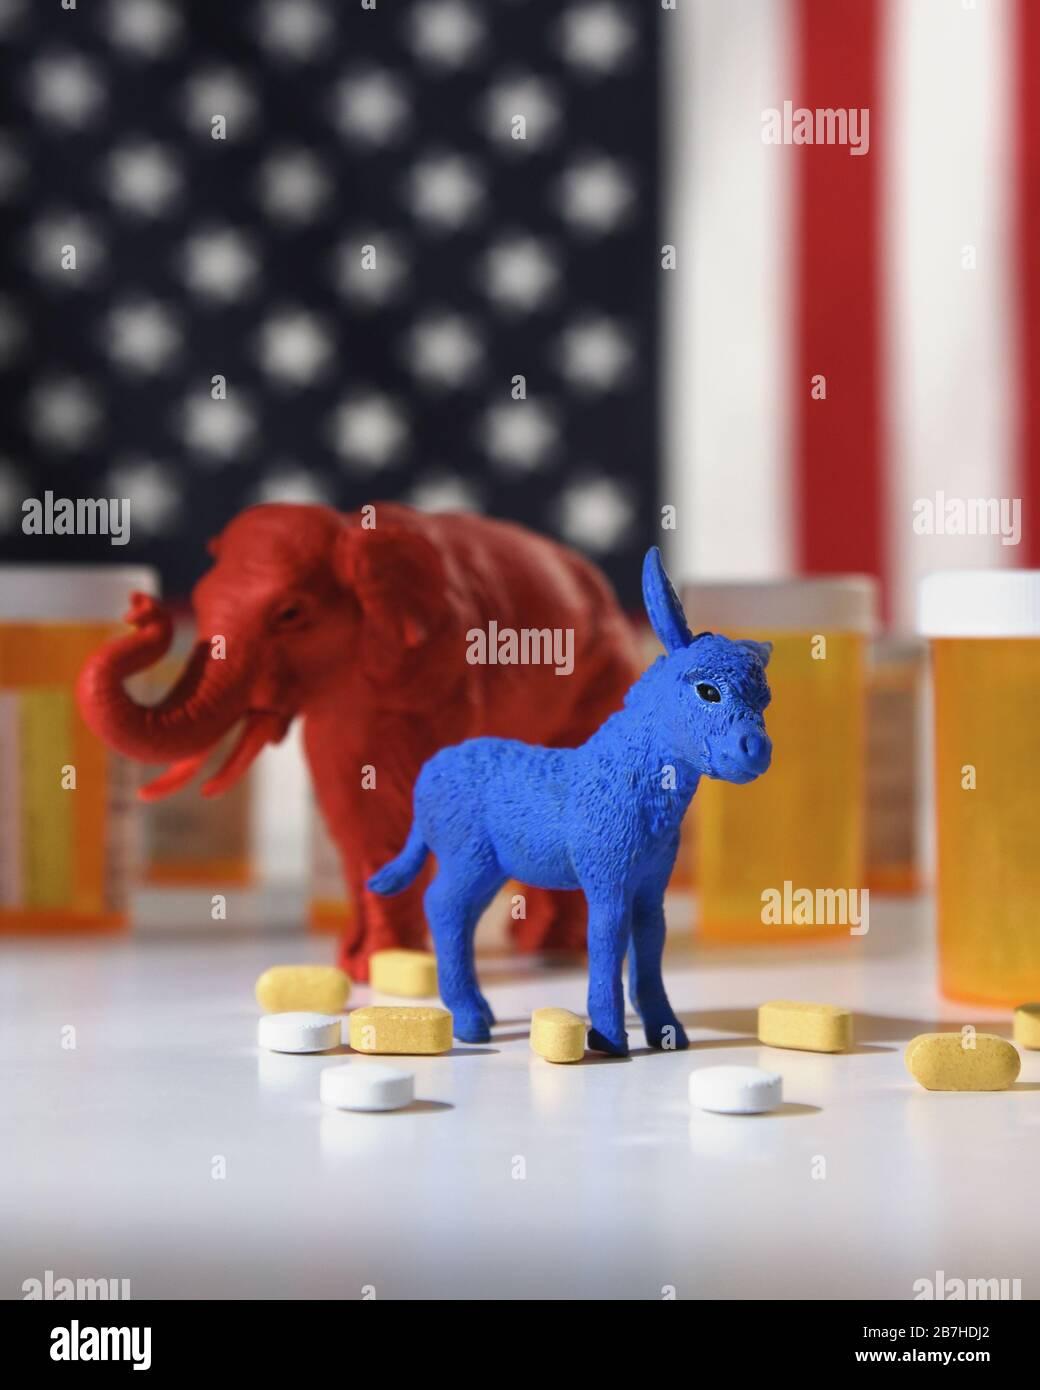 Un âne bleu en tant que démocrate et un éléphant rouge en tant que retublica sont contre un drapeau américain avec des bouteilles de pilule d'ordonnance pour un concept de coût médical Banque D'Images